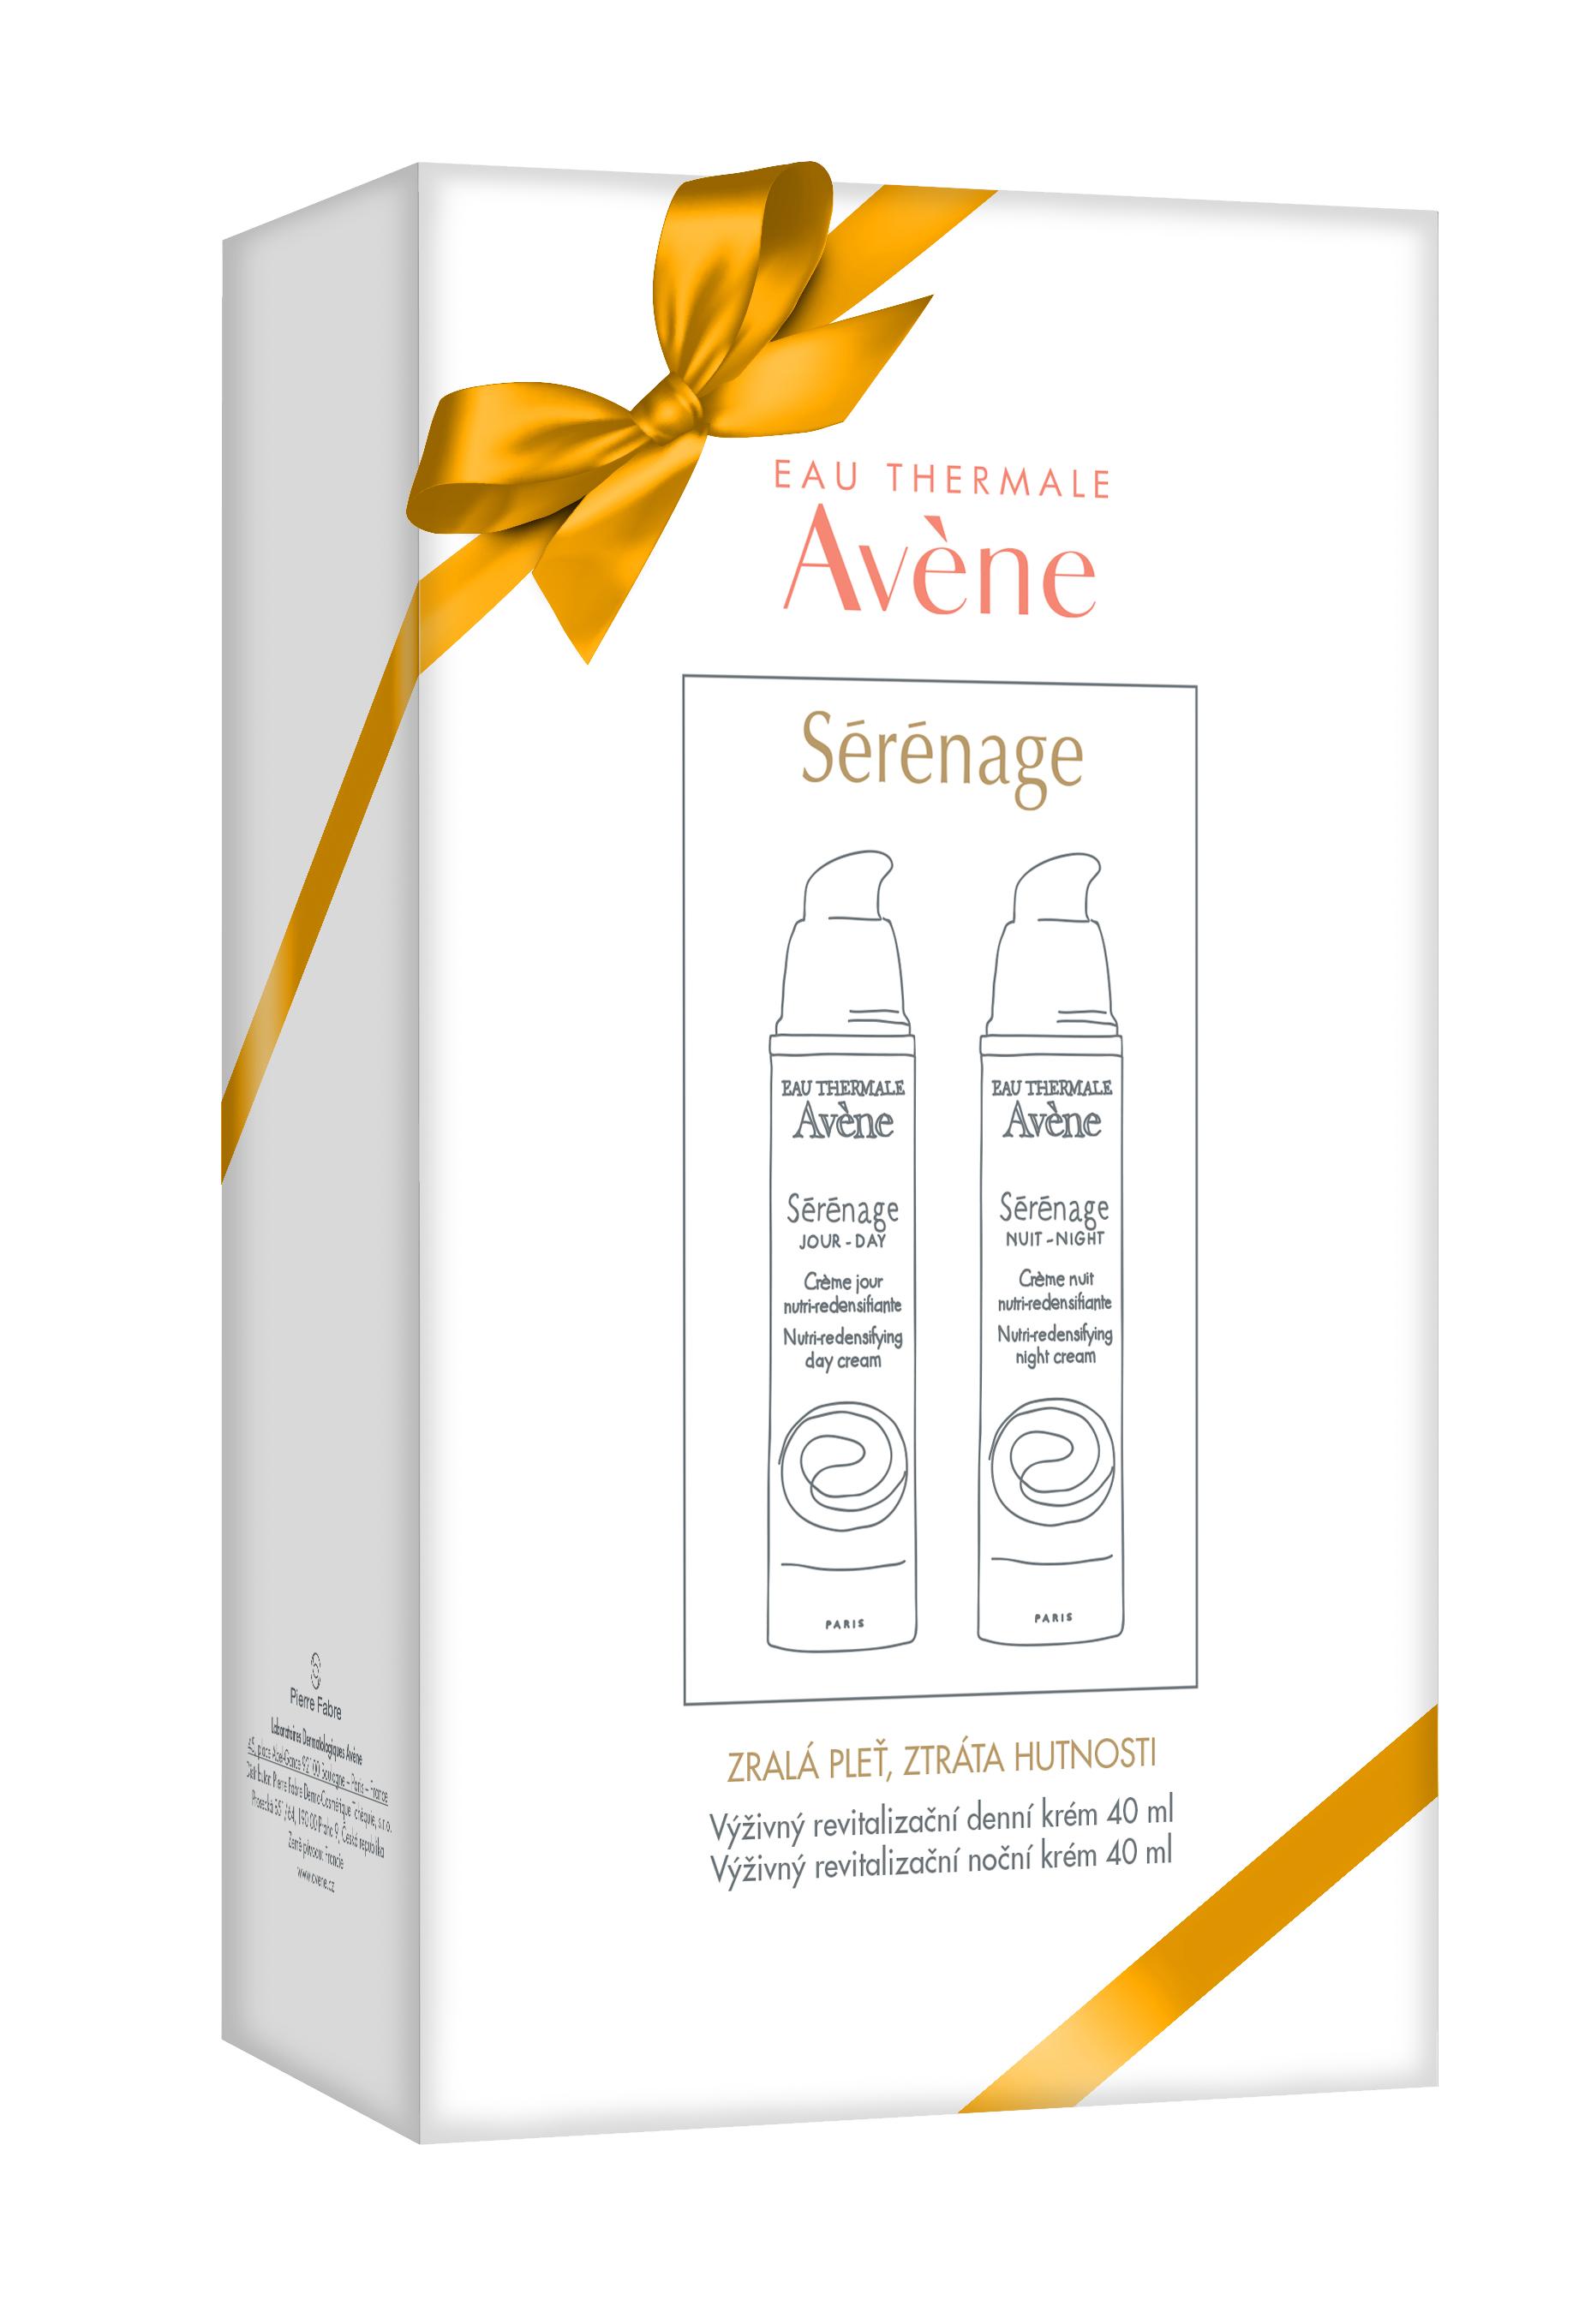 AVENE Serenage Vánoční balíček